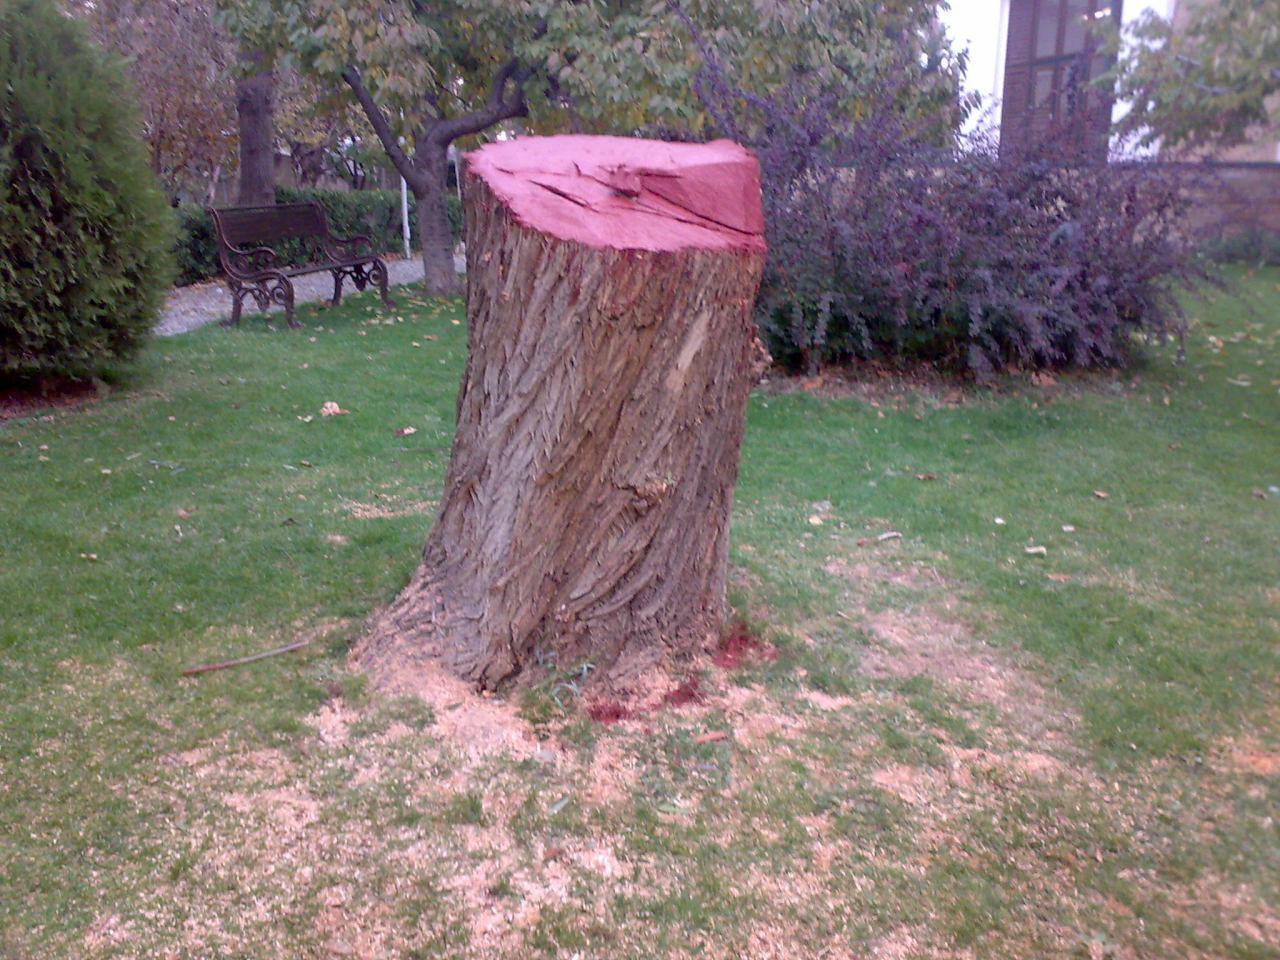 درخت بید مجنون؛ درخت خاطره انگیز دانشگاه امام صادق علیهالسلام